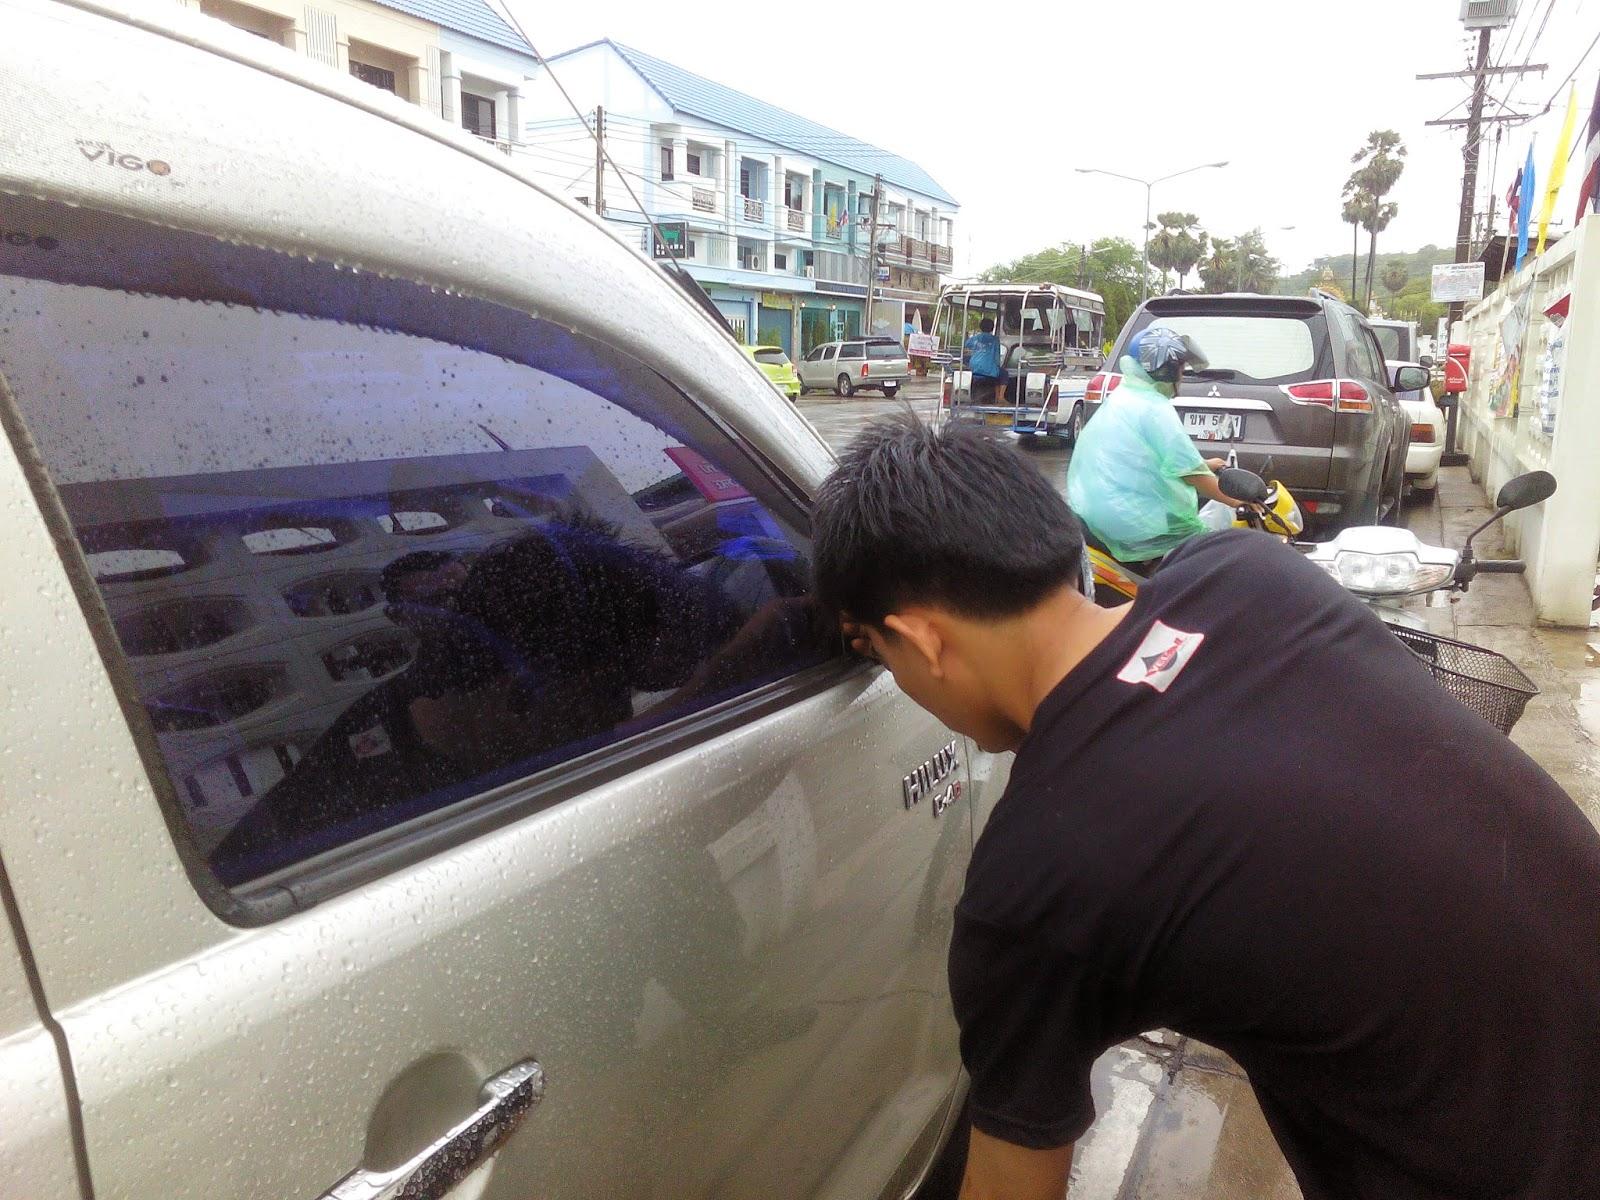 http://autocar2555.blogspot.com/2013/07/vigo.html